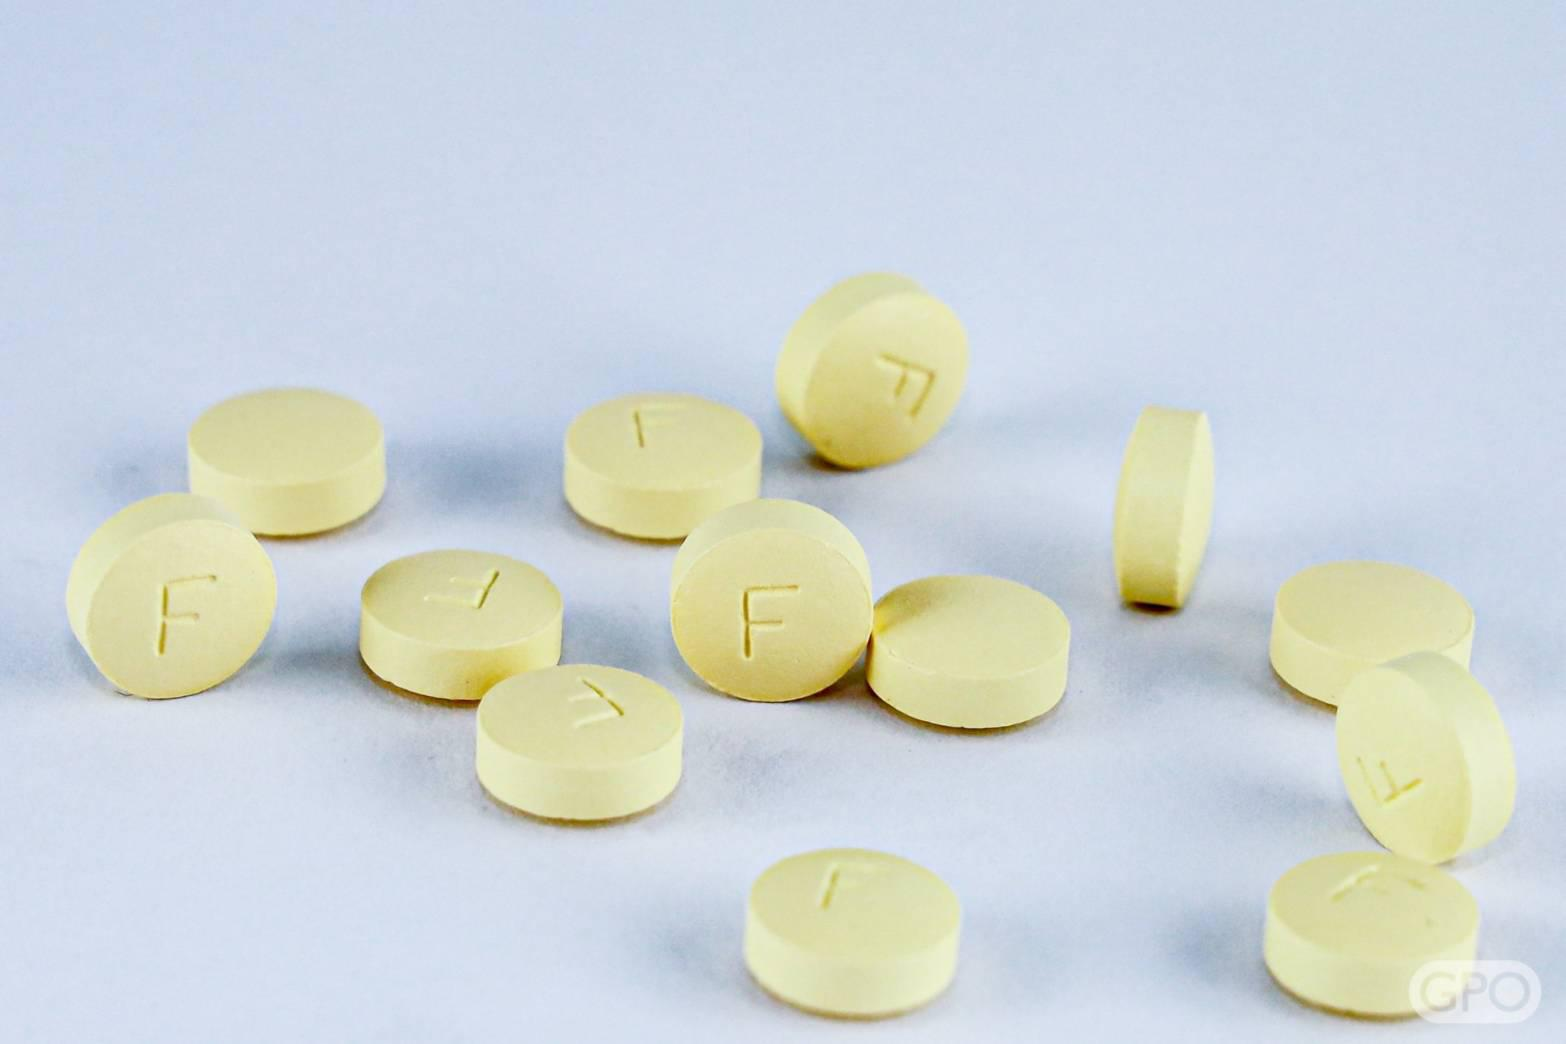 """สธ. ปรับแนวทางให้ """"ยาฟาวิพิราเวียร์"""" เร็วขึ้น  รักษาผู้ป่วยโควิดแม้อาการไม่รุนแรง"""